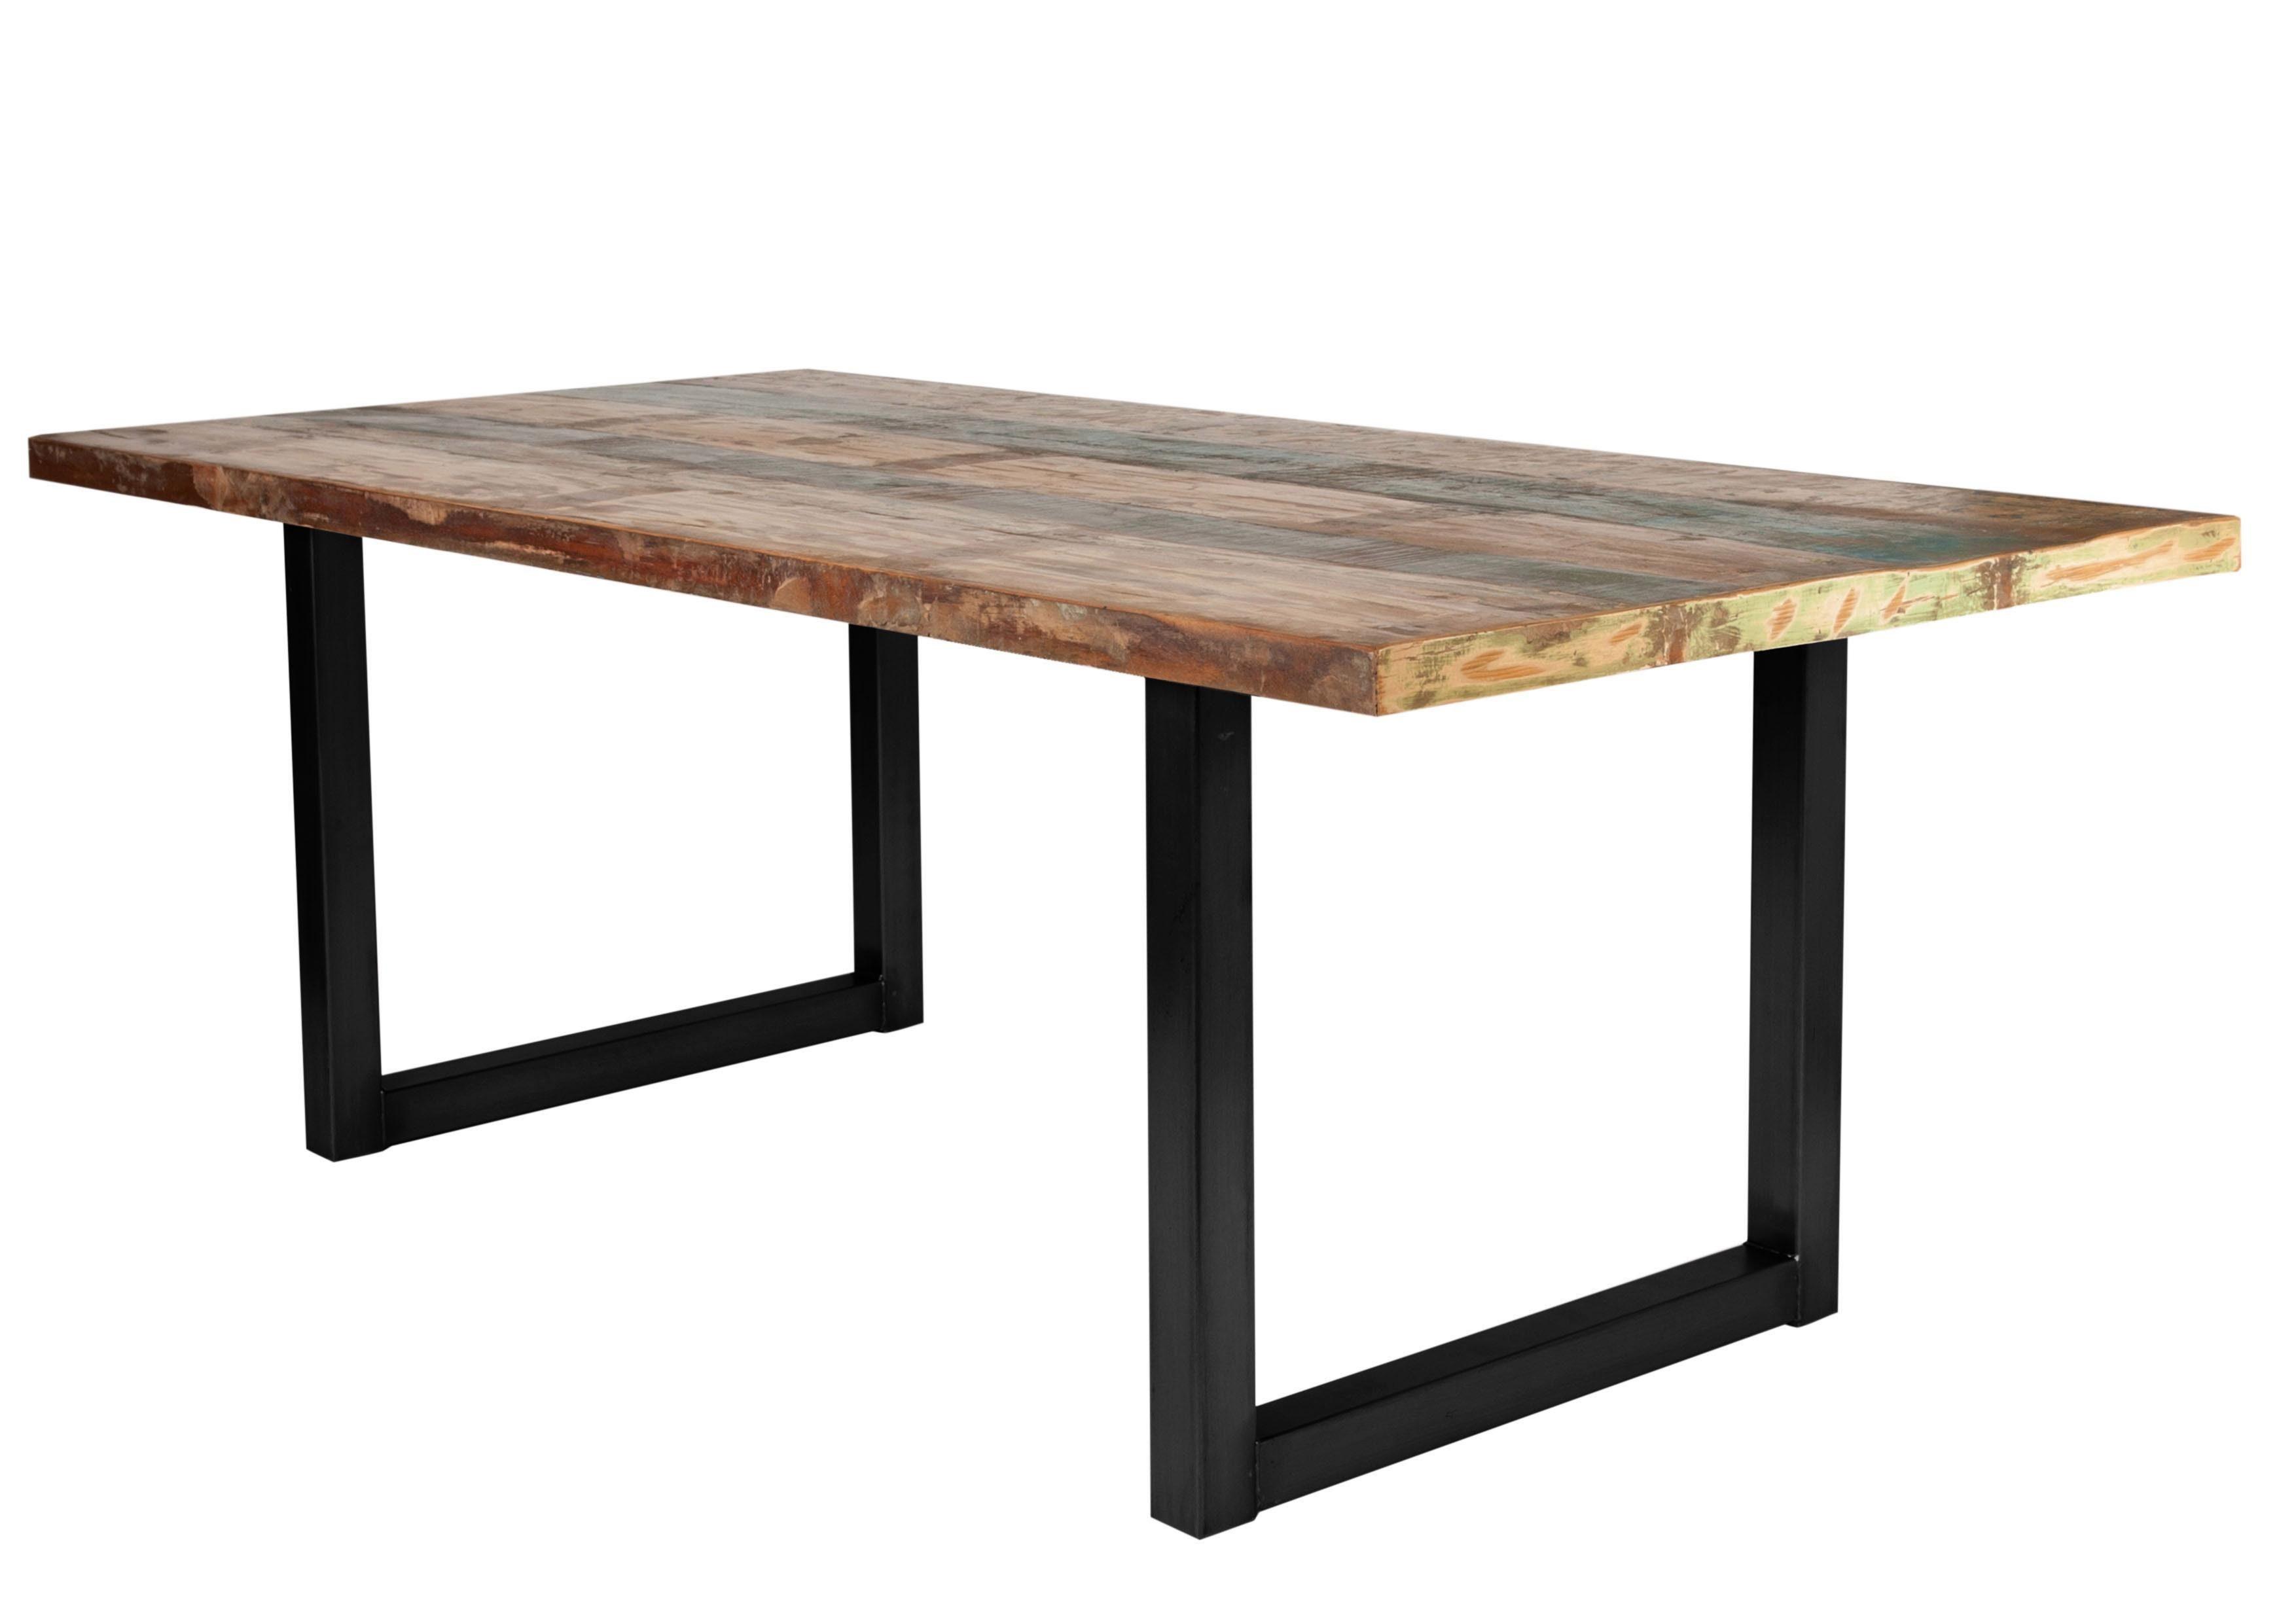 Sit eettafel tops« van gerecycled gebruikt hout en metaal in de